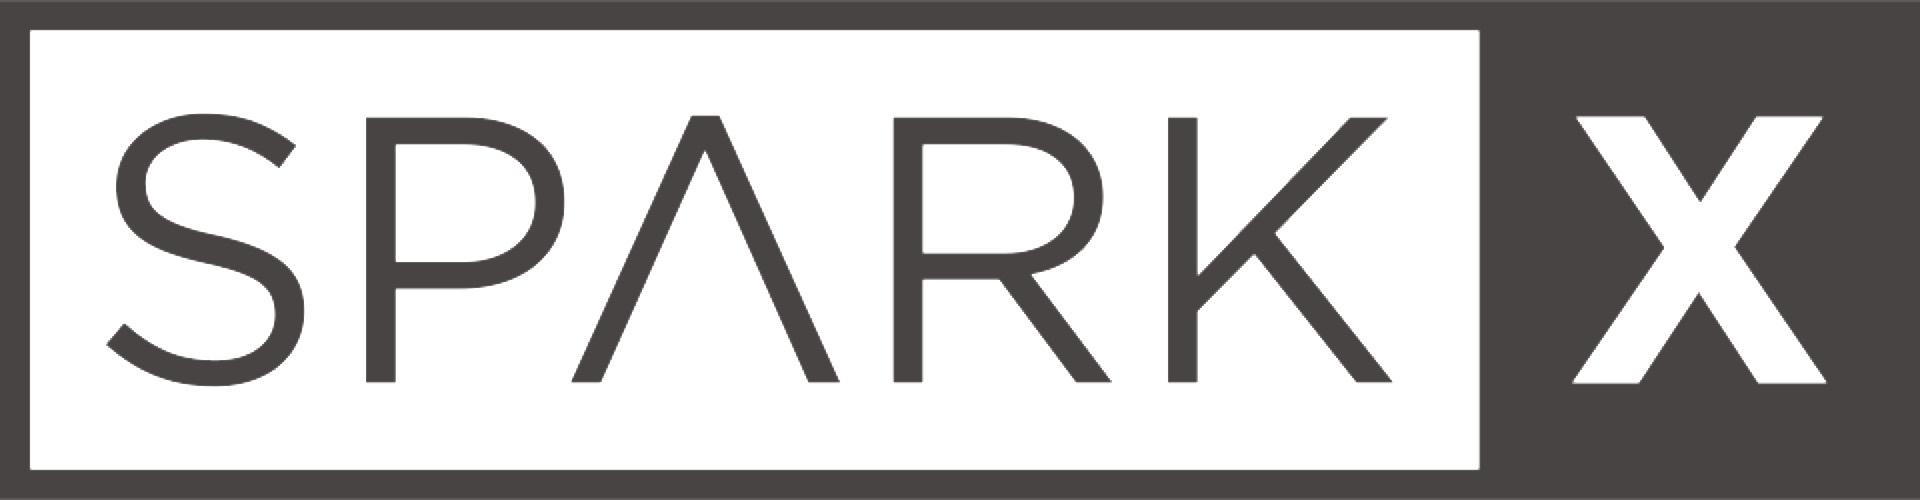 Sparkx-Skinny